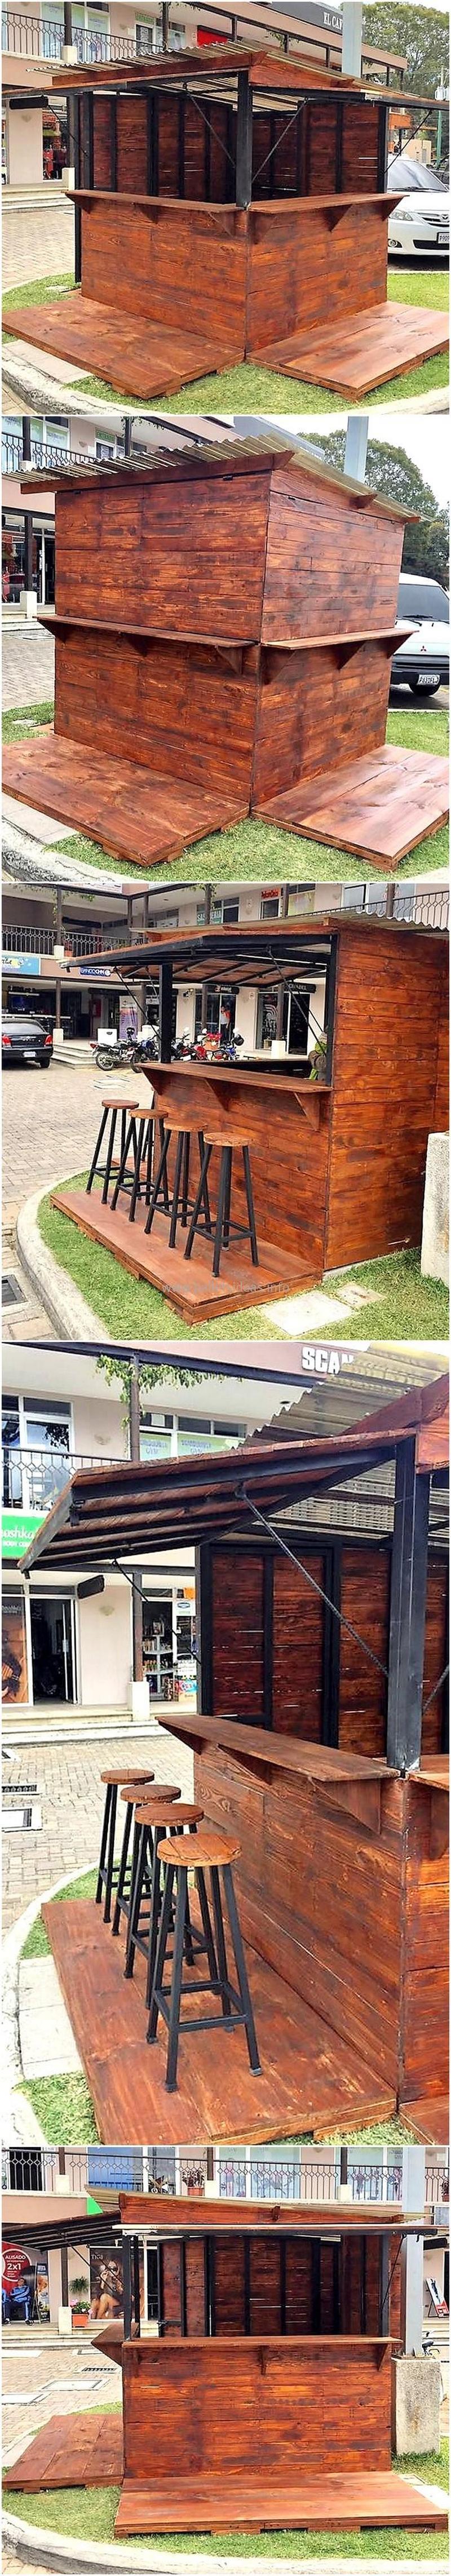 wood pallet bar plan 44